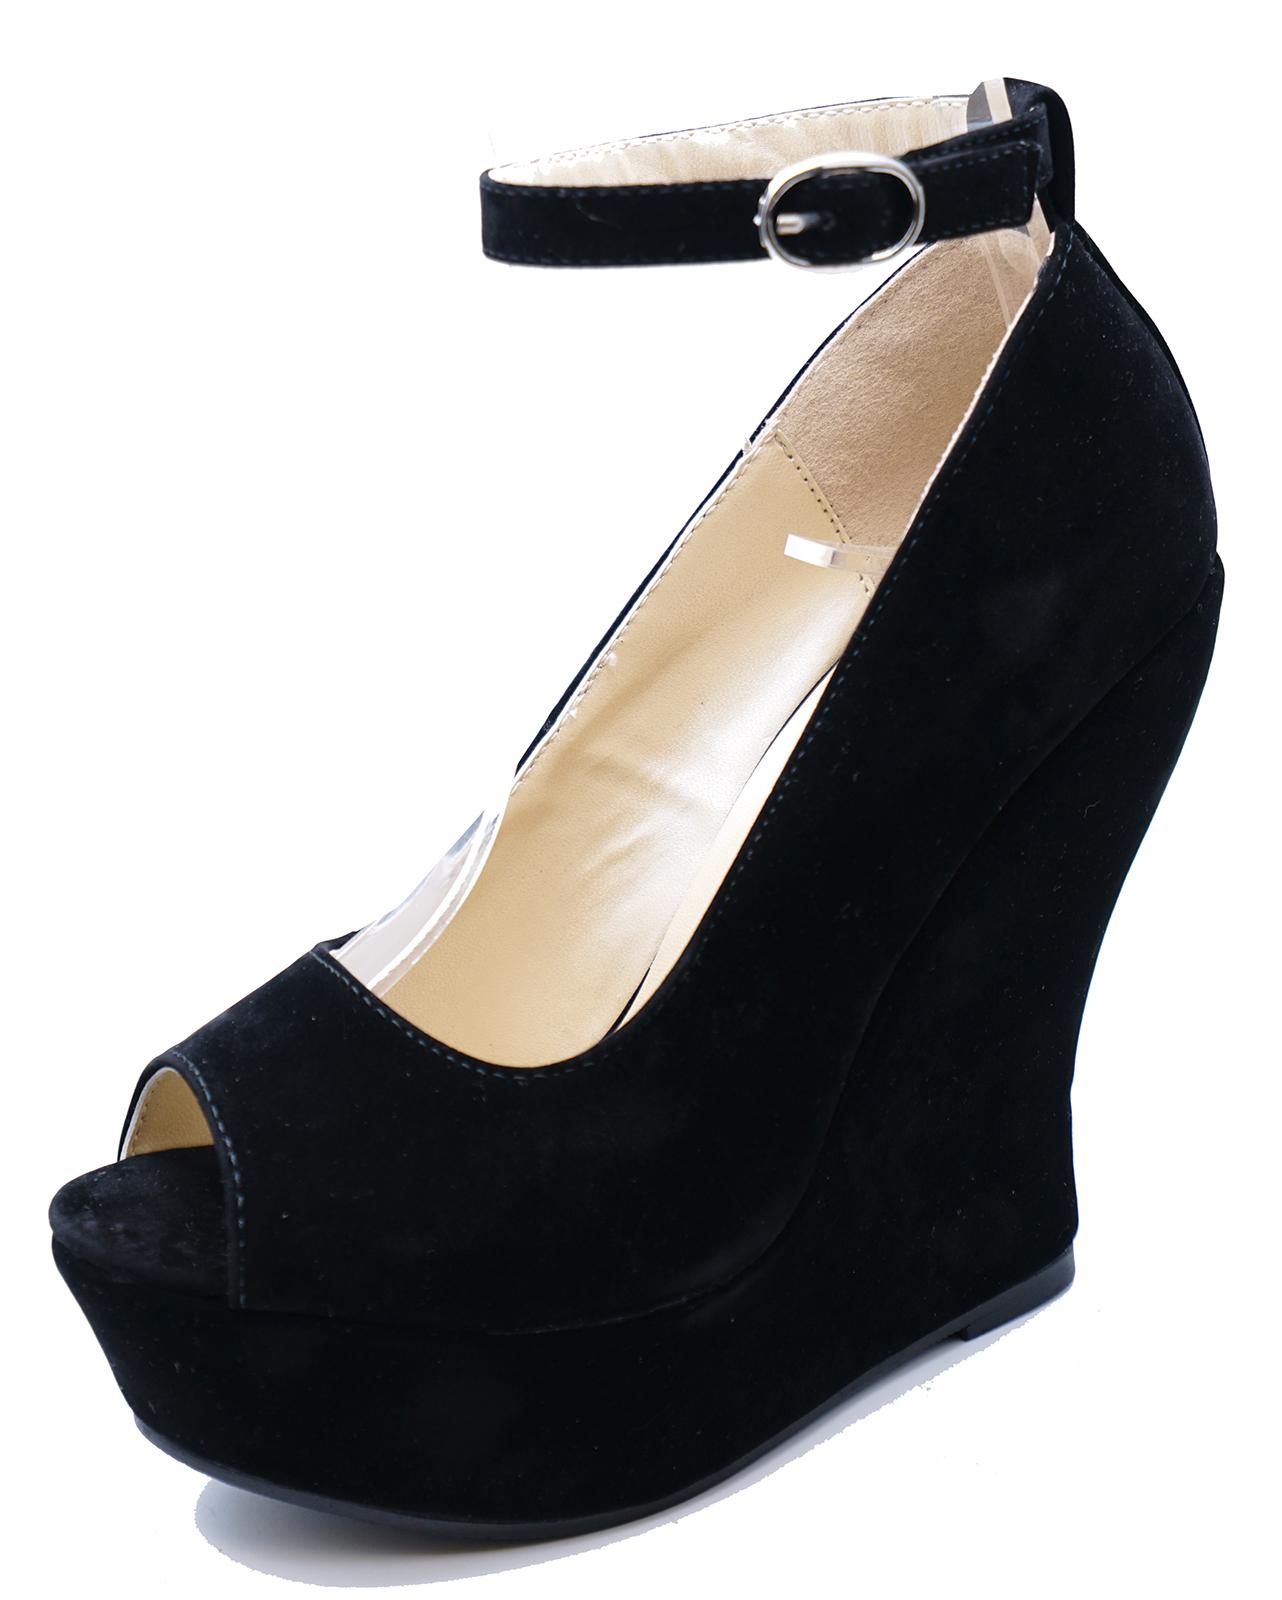 WOMENS BLACK FAUX-SUEDE PEEP-TOE SLIP-ON WEDGES HIGH HEEL SANDALS SHOES UK 3-7